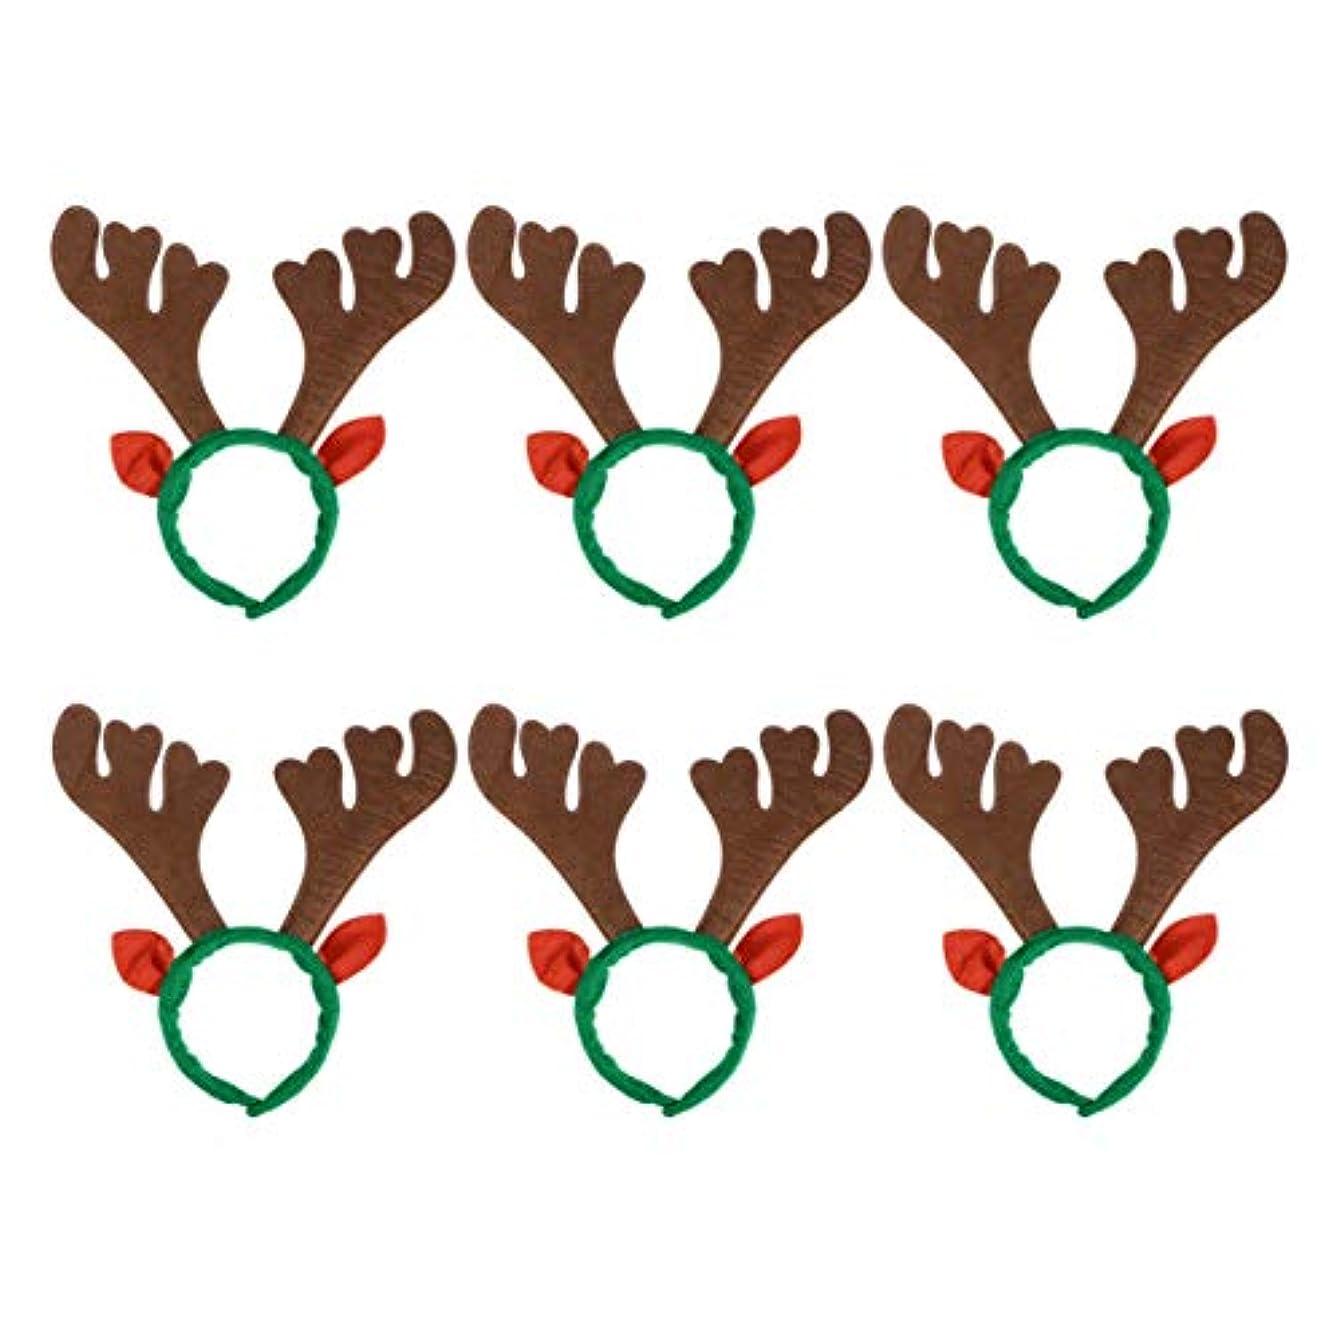 Lurrose 6ピーストナカイヘアフープ動物耳カチューシャクリスマスヘアアクセサリー用パーティー小道具